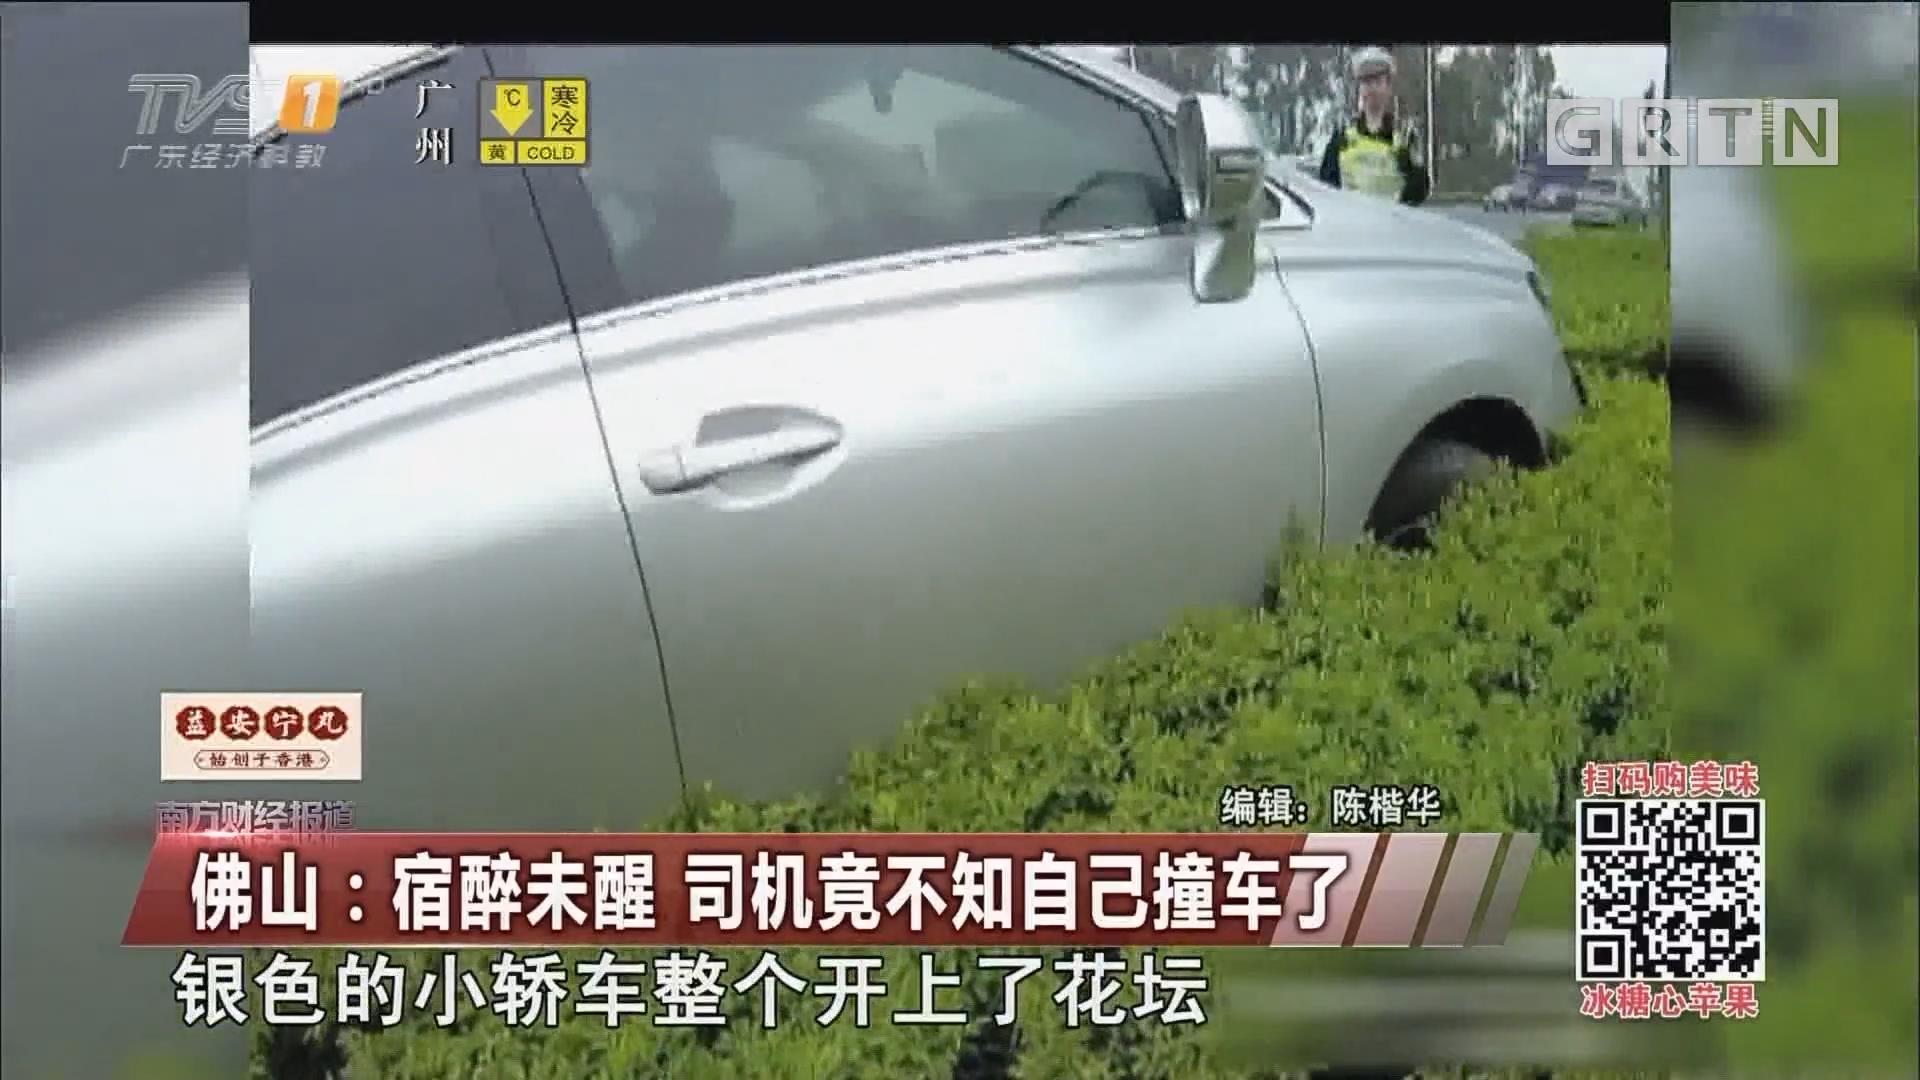 佛山:宿醉未醒 司机竟不知自己撞车了